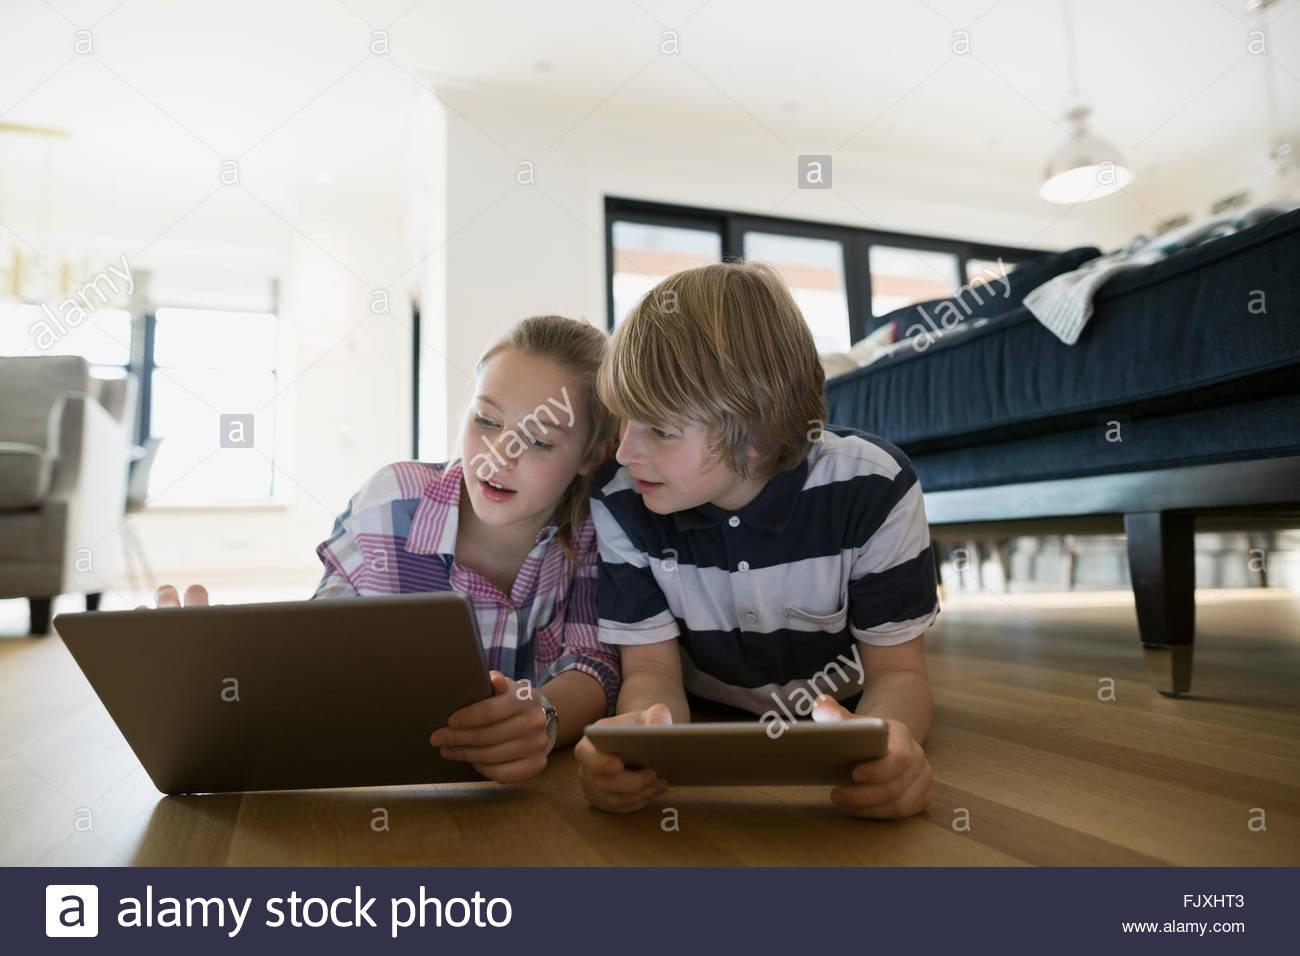 Frère sœur à l'aide de tablettes numériques plancher du salon Photo Stock